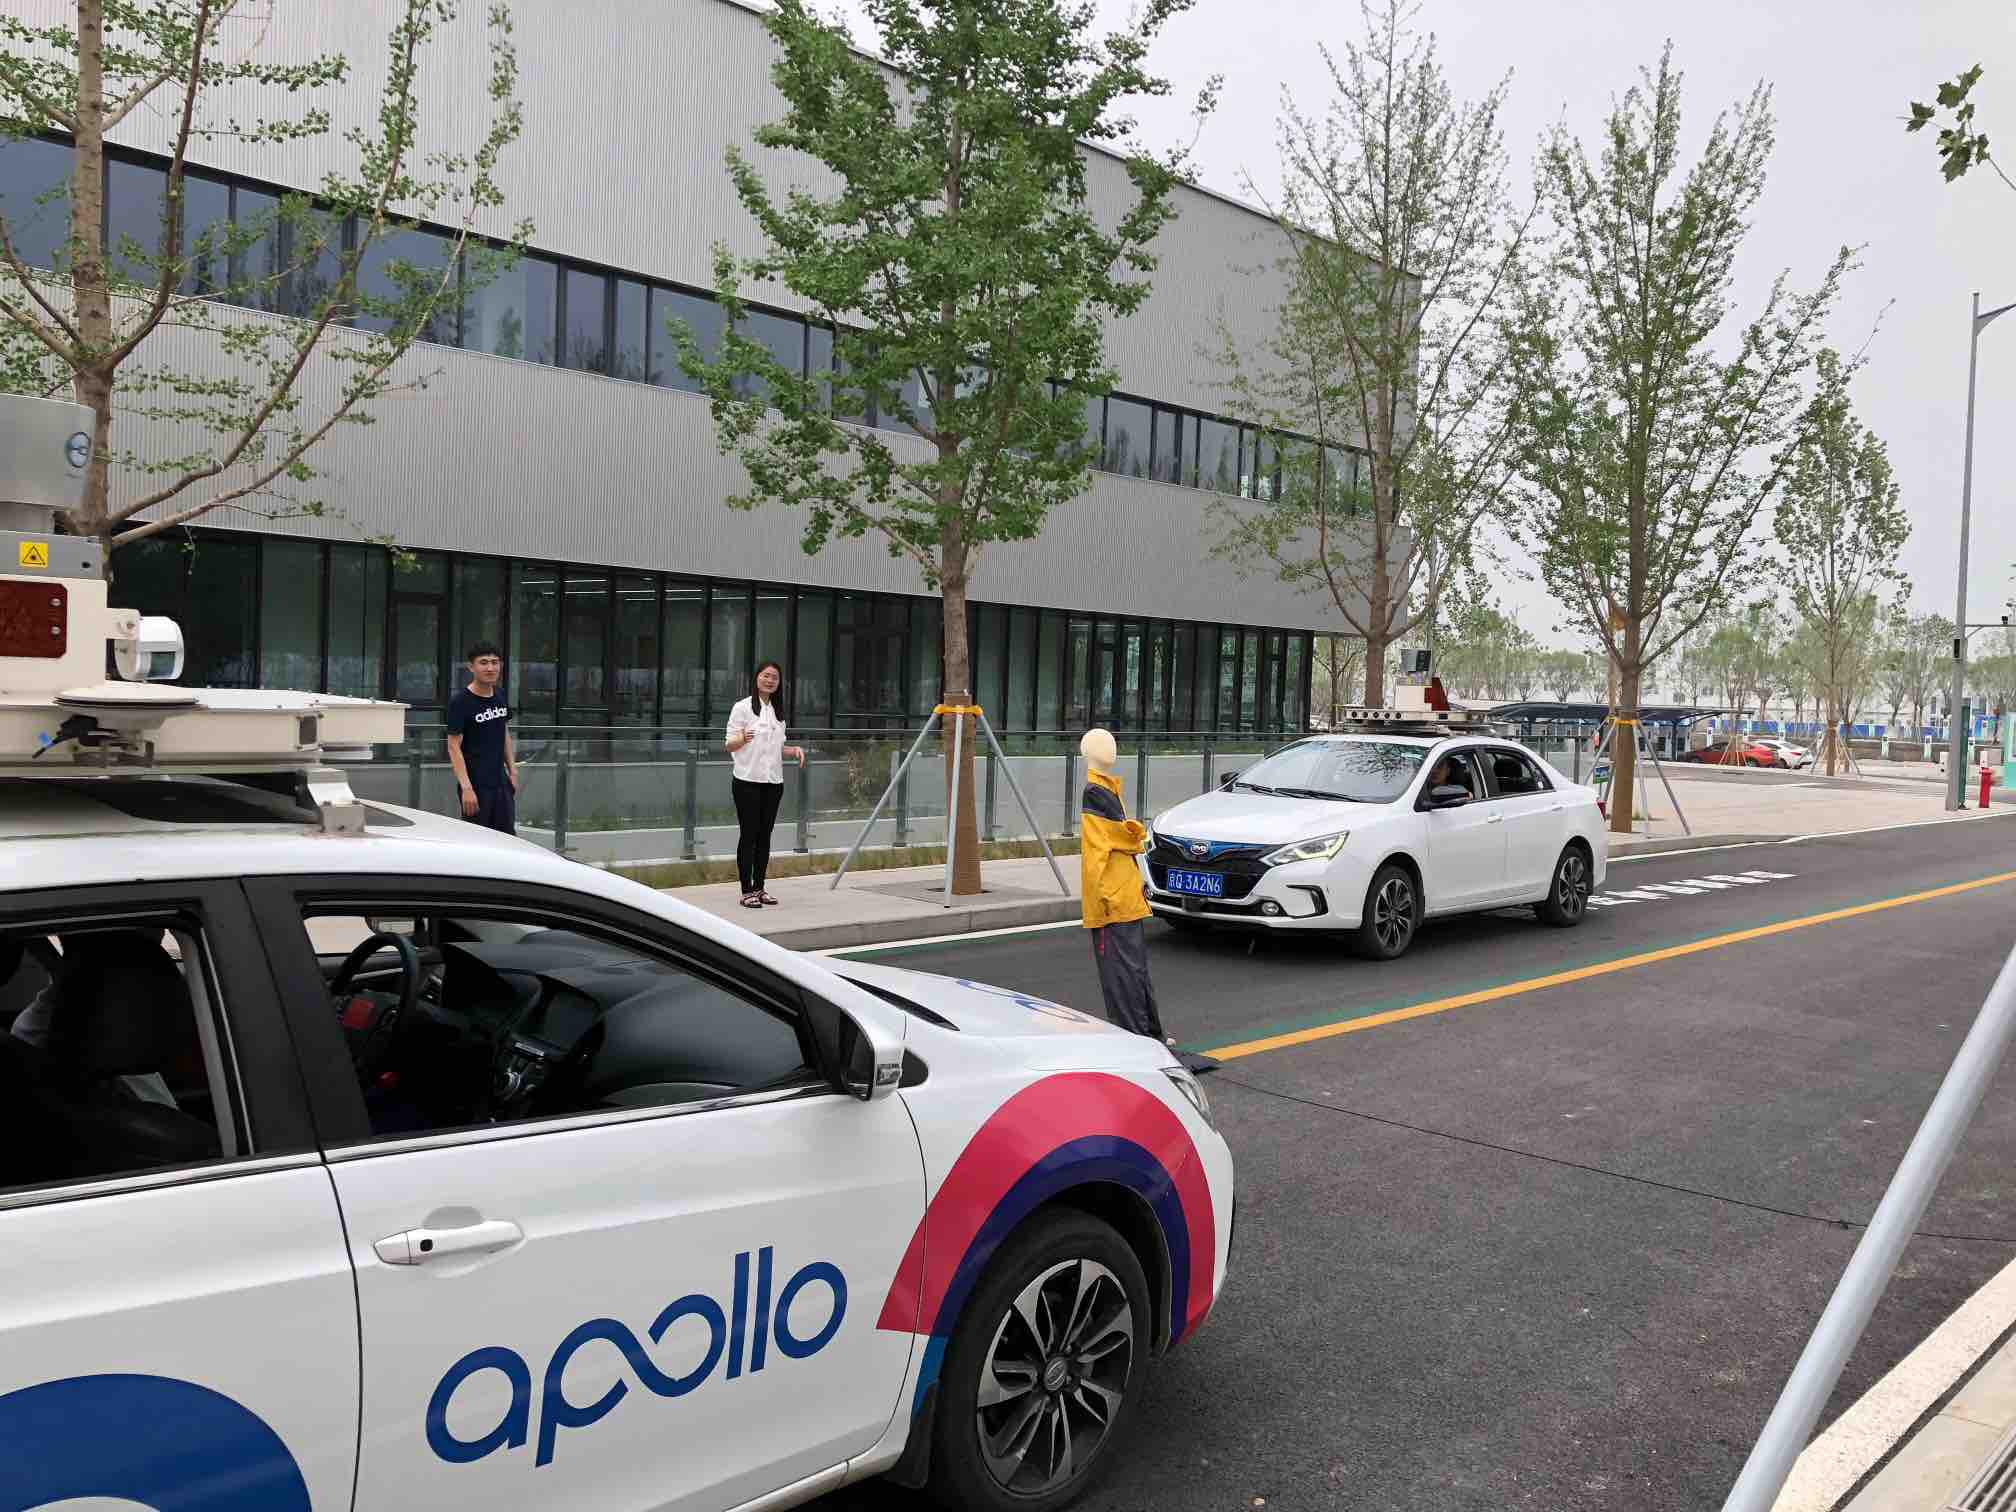 百度在雄安开展自动驾驶路测 打造智能出行城市